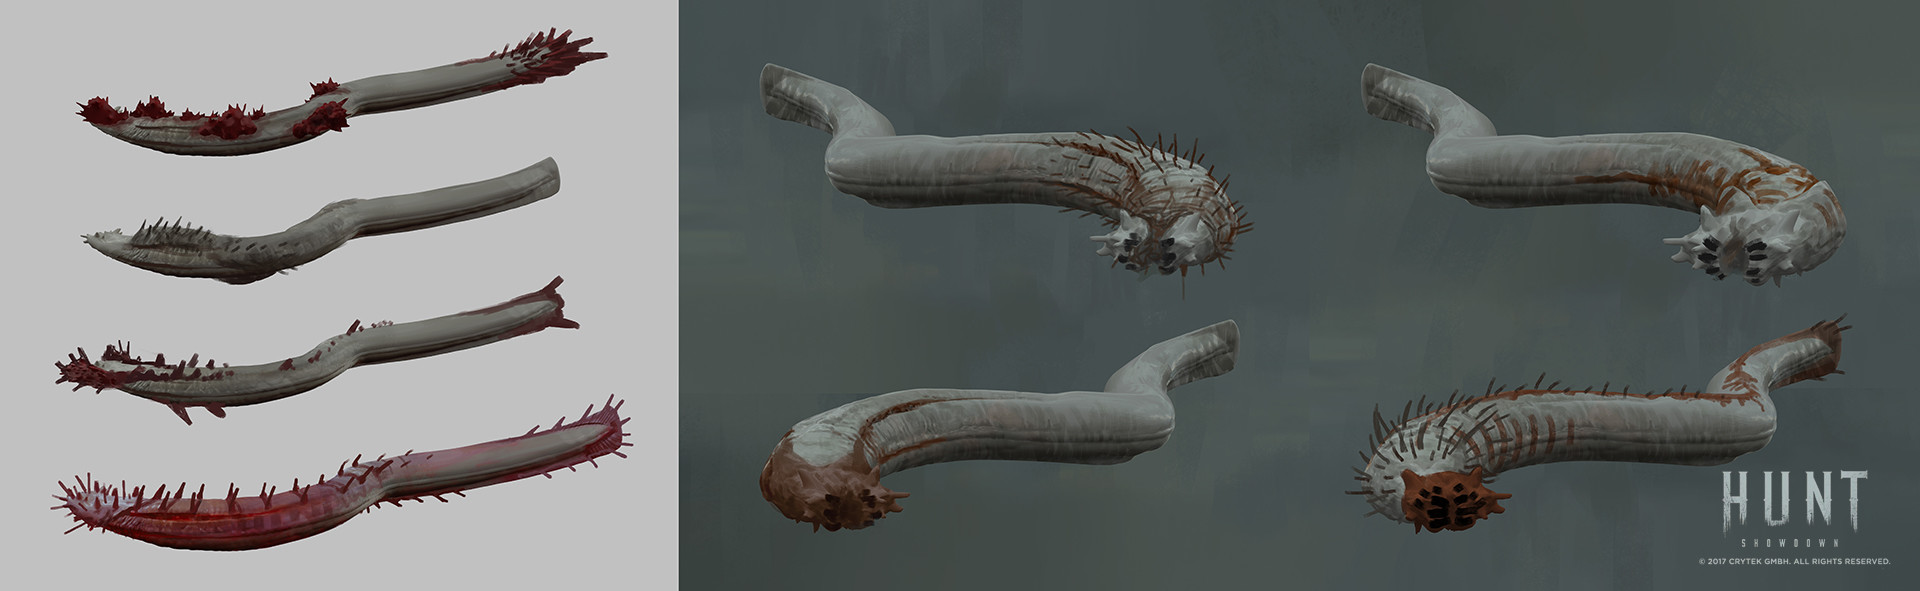 Ivo nies ivo elite eel sketches02